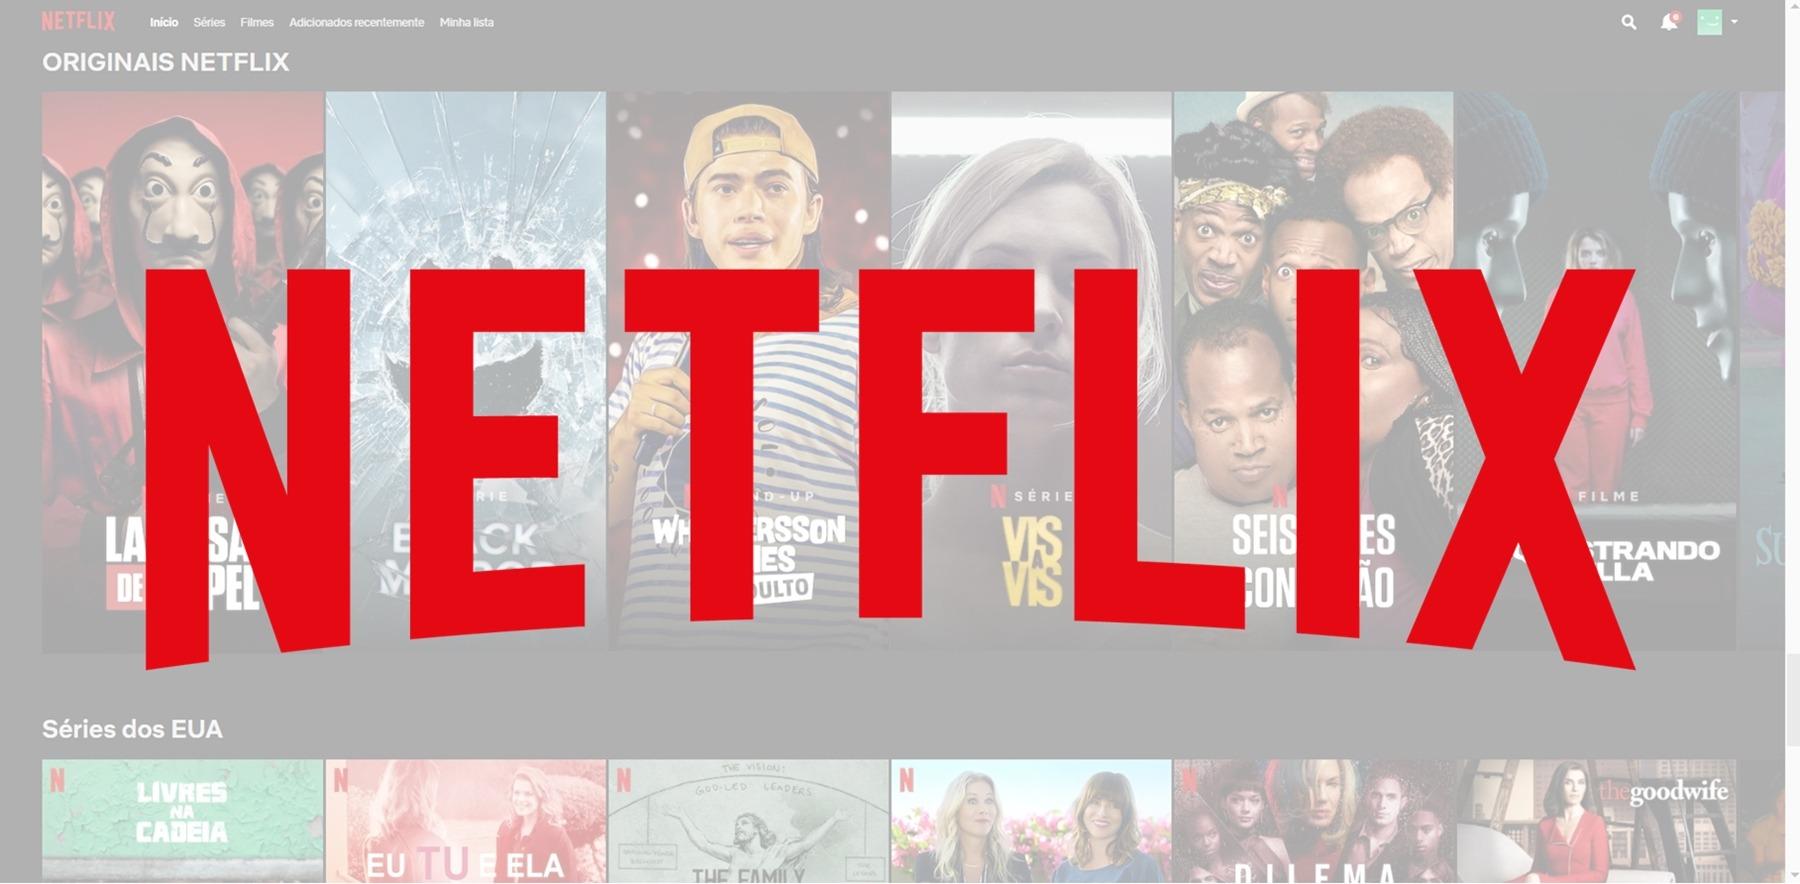 Ligando para a Netflix